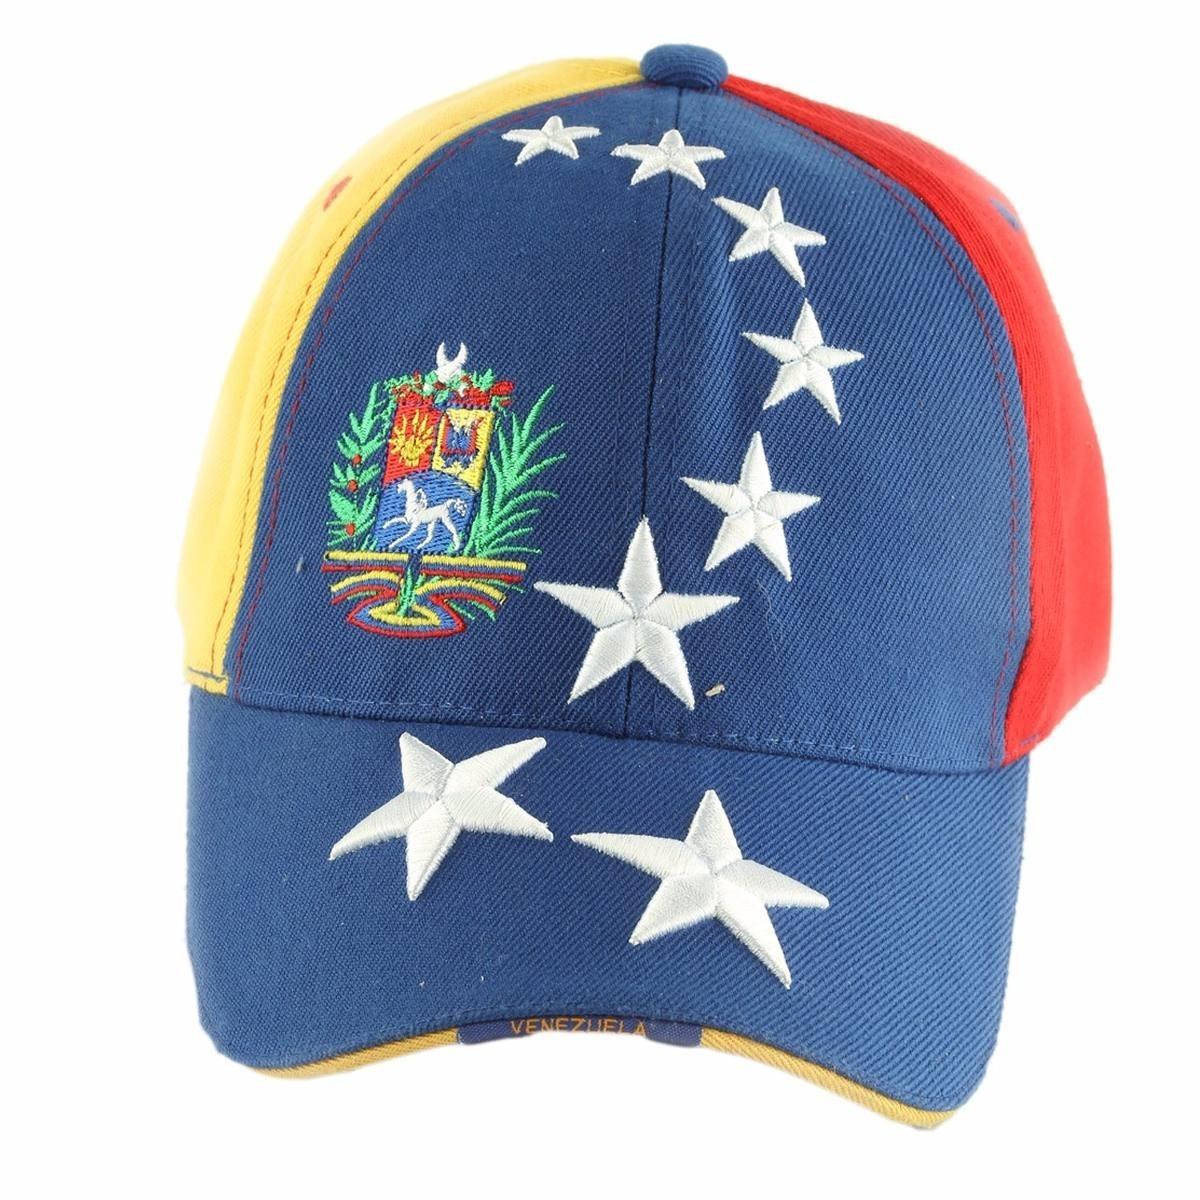 c758346b7acda Gorra Tricolor Venezuela En Visera Niño Al Mayor Y Detal - Bs ...